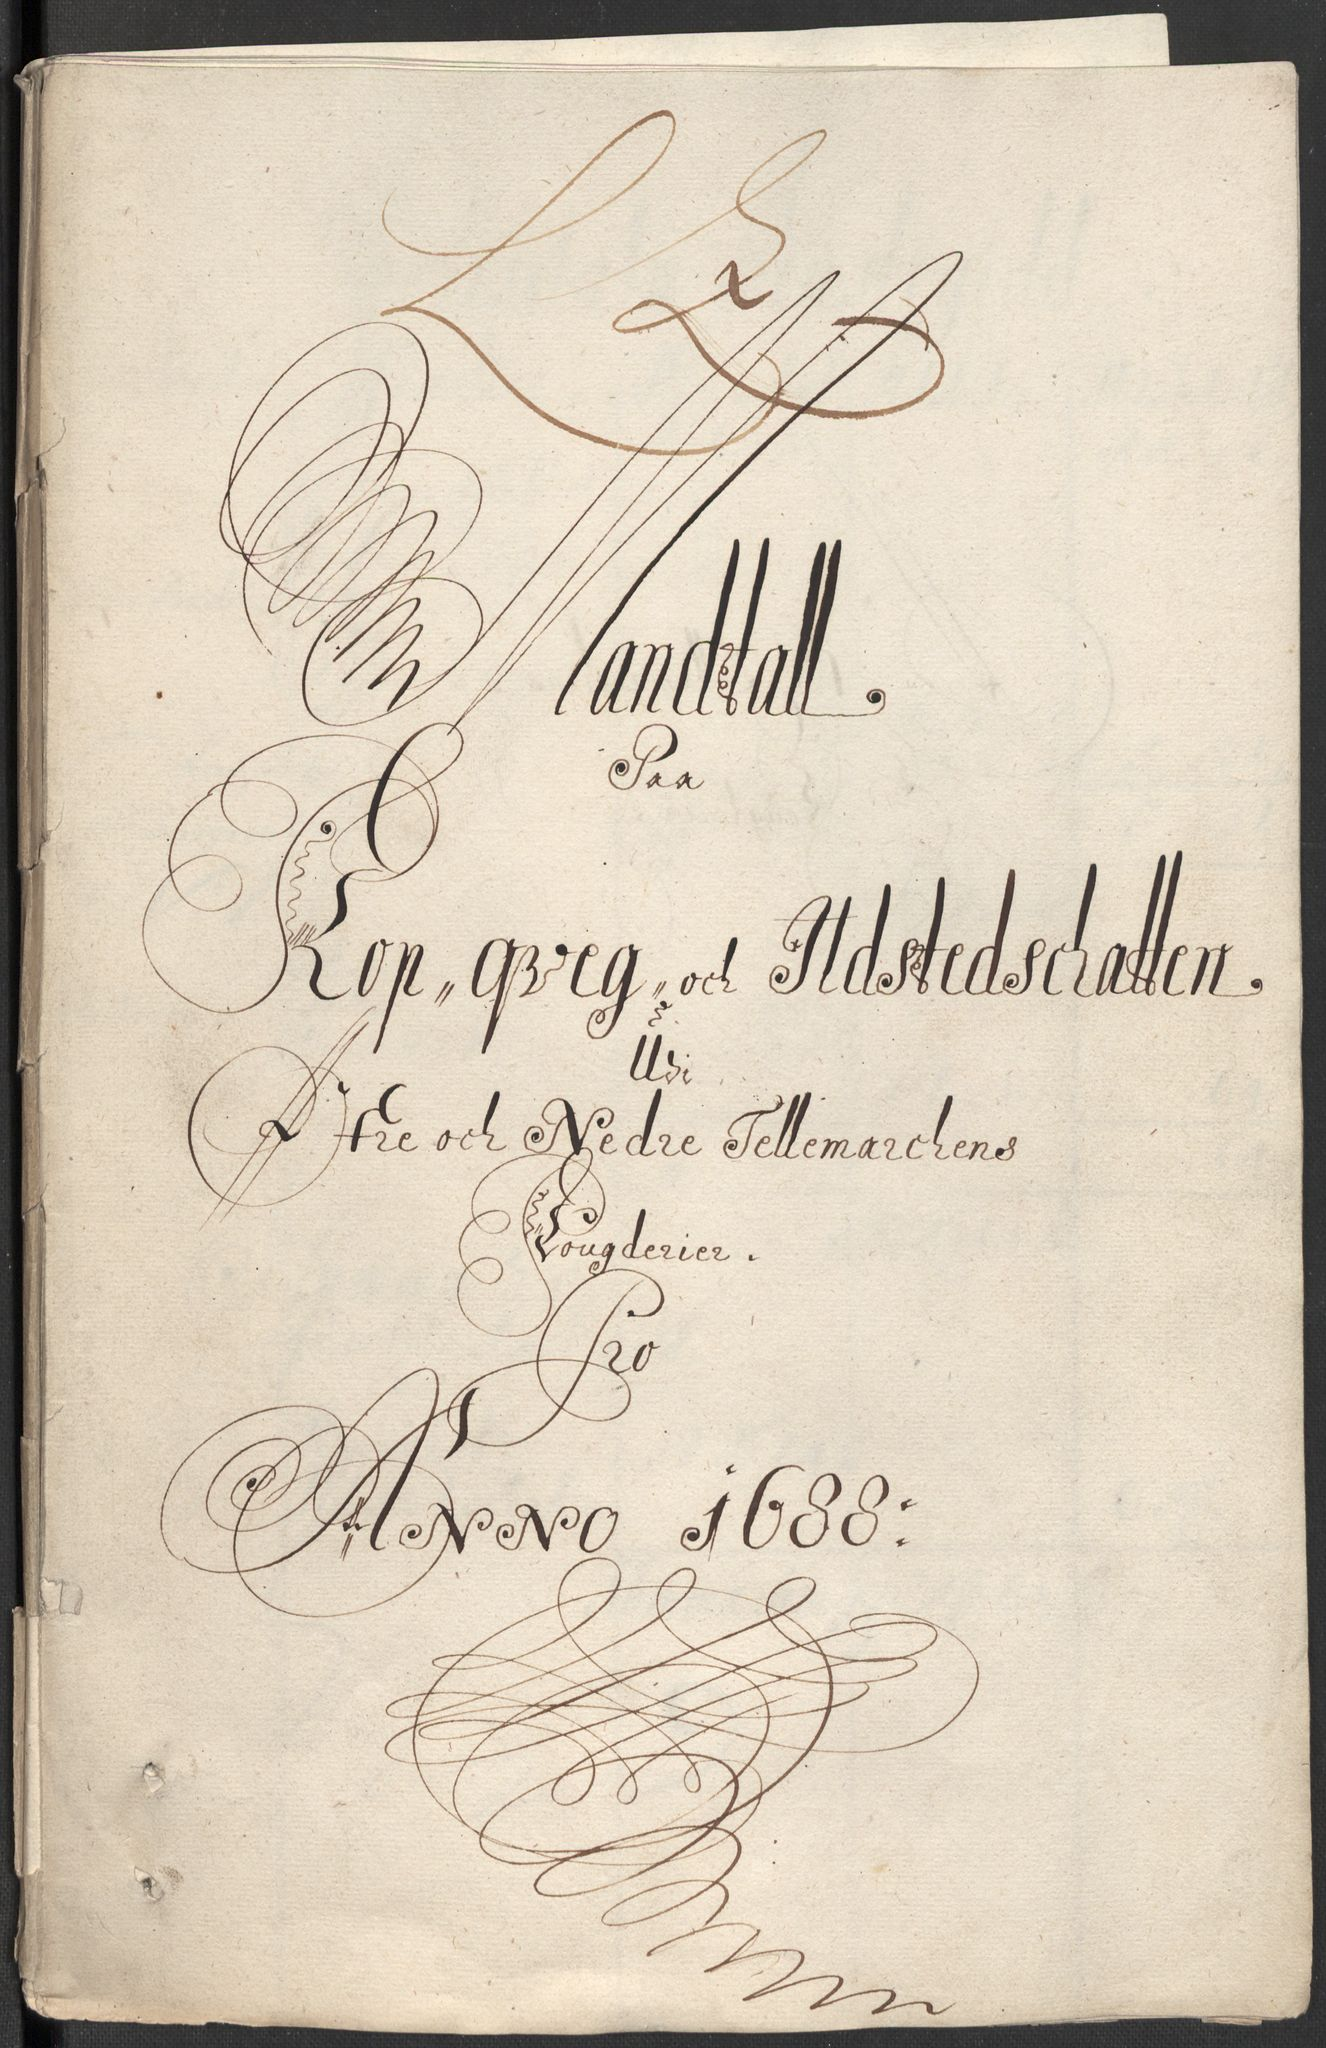 RA, Rentekammeret inntil 1814, Reviderte regnskaper, Fogderegnskap, R35/L2087: Fogderegnskap Øvre og Nedre Telemark, 1687-1689, s. 368